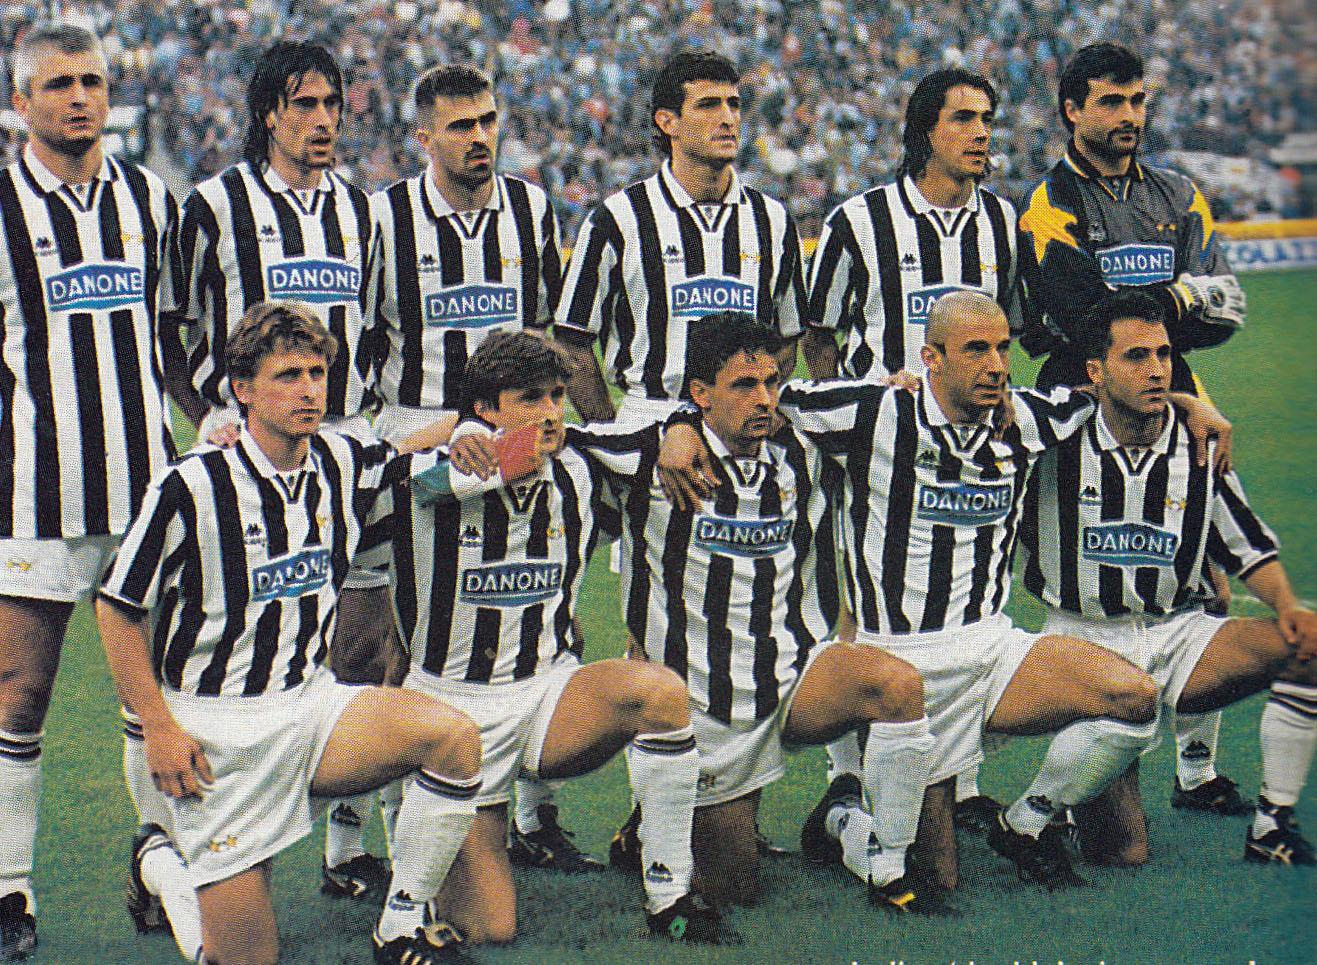 Serie A 1994-1995 - Wikipedia